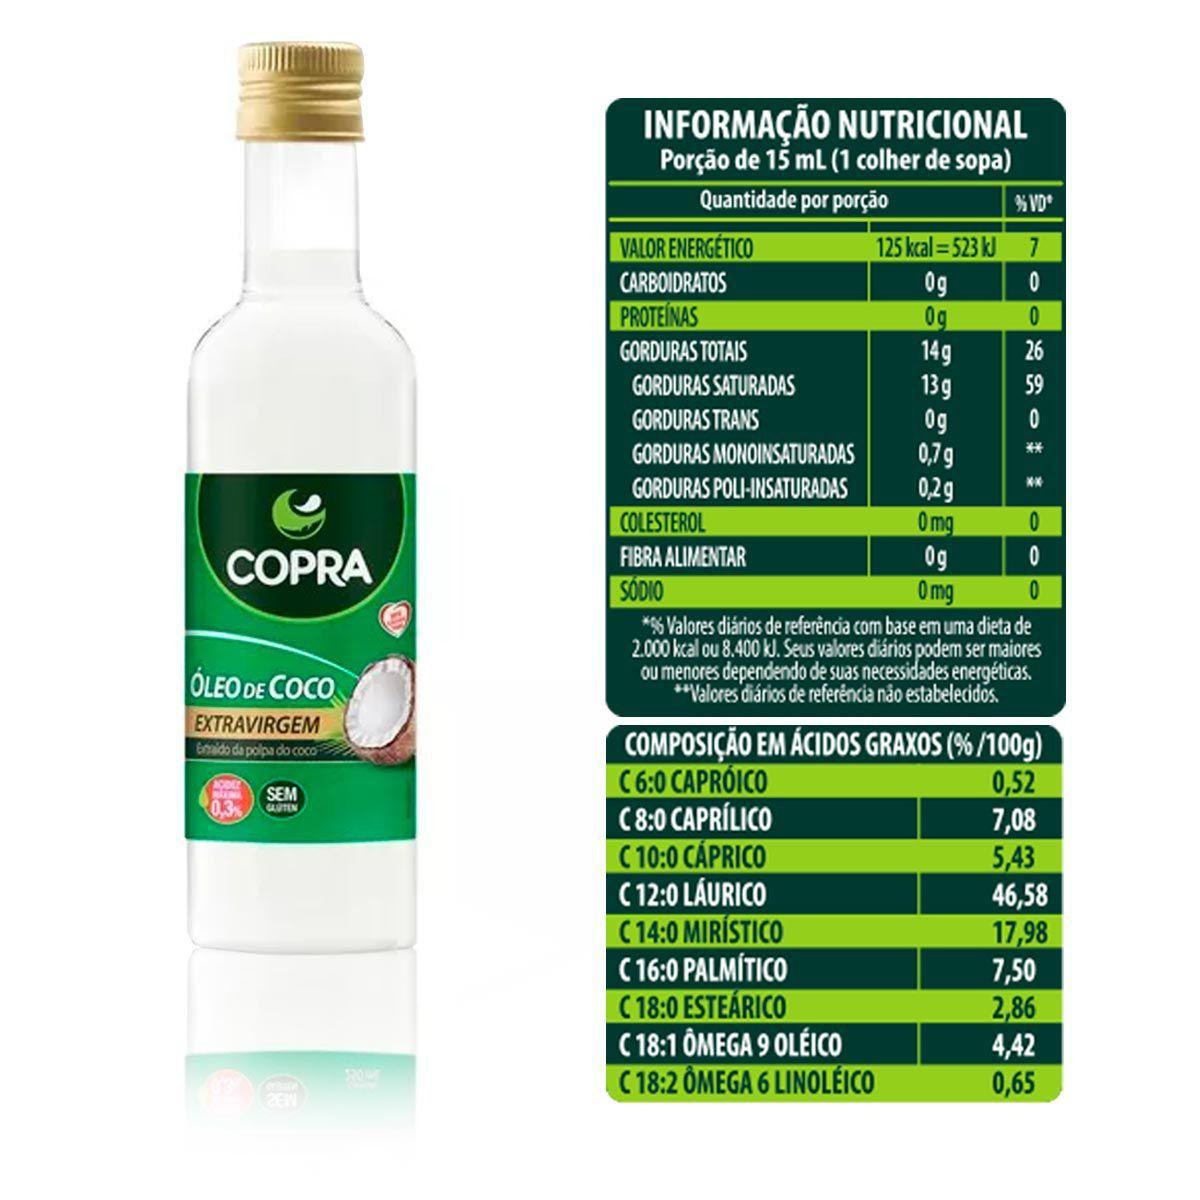 Óleo de Coco Extra Virgem 500ml Garrafa - Copra